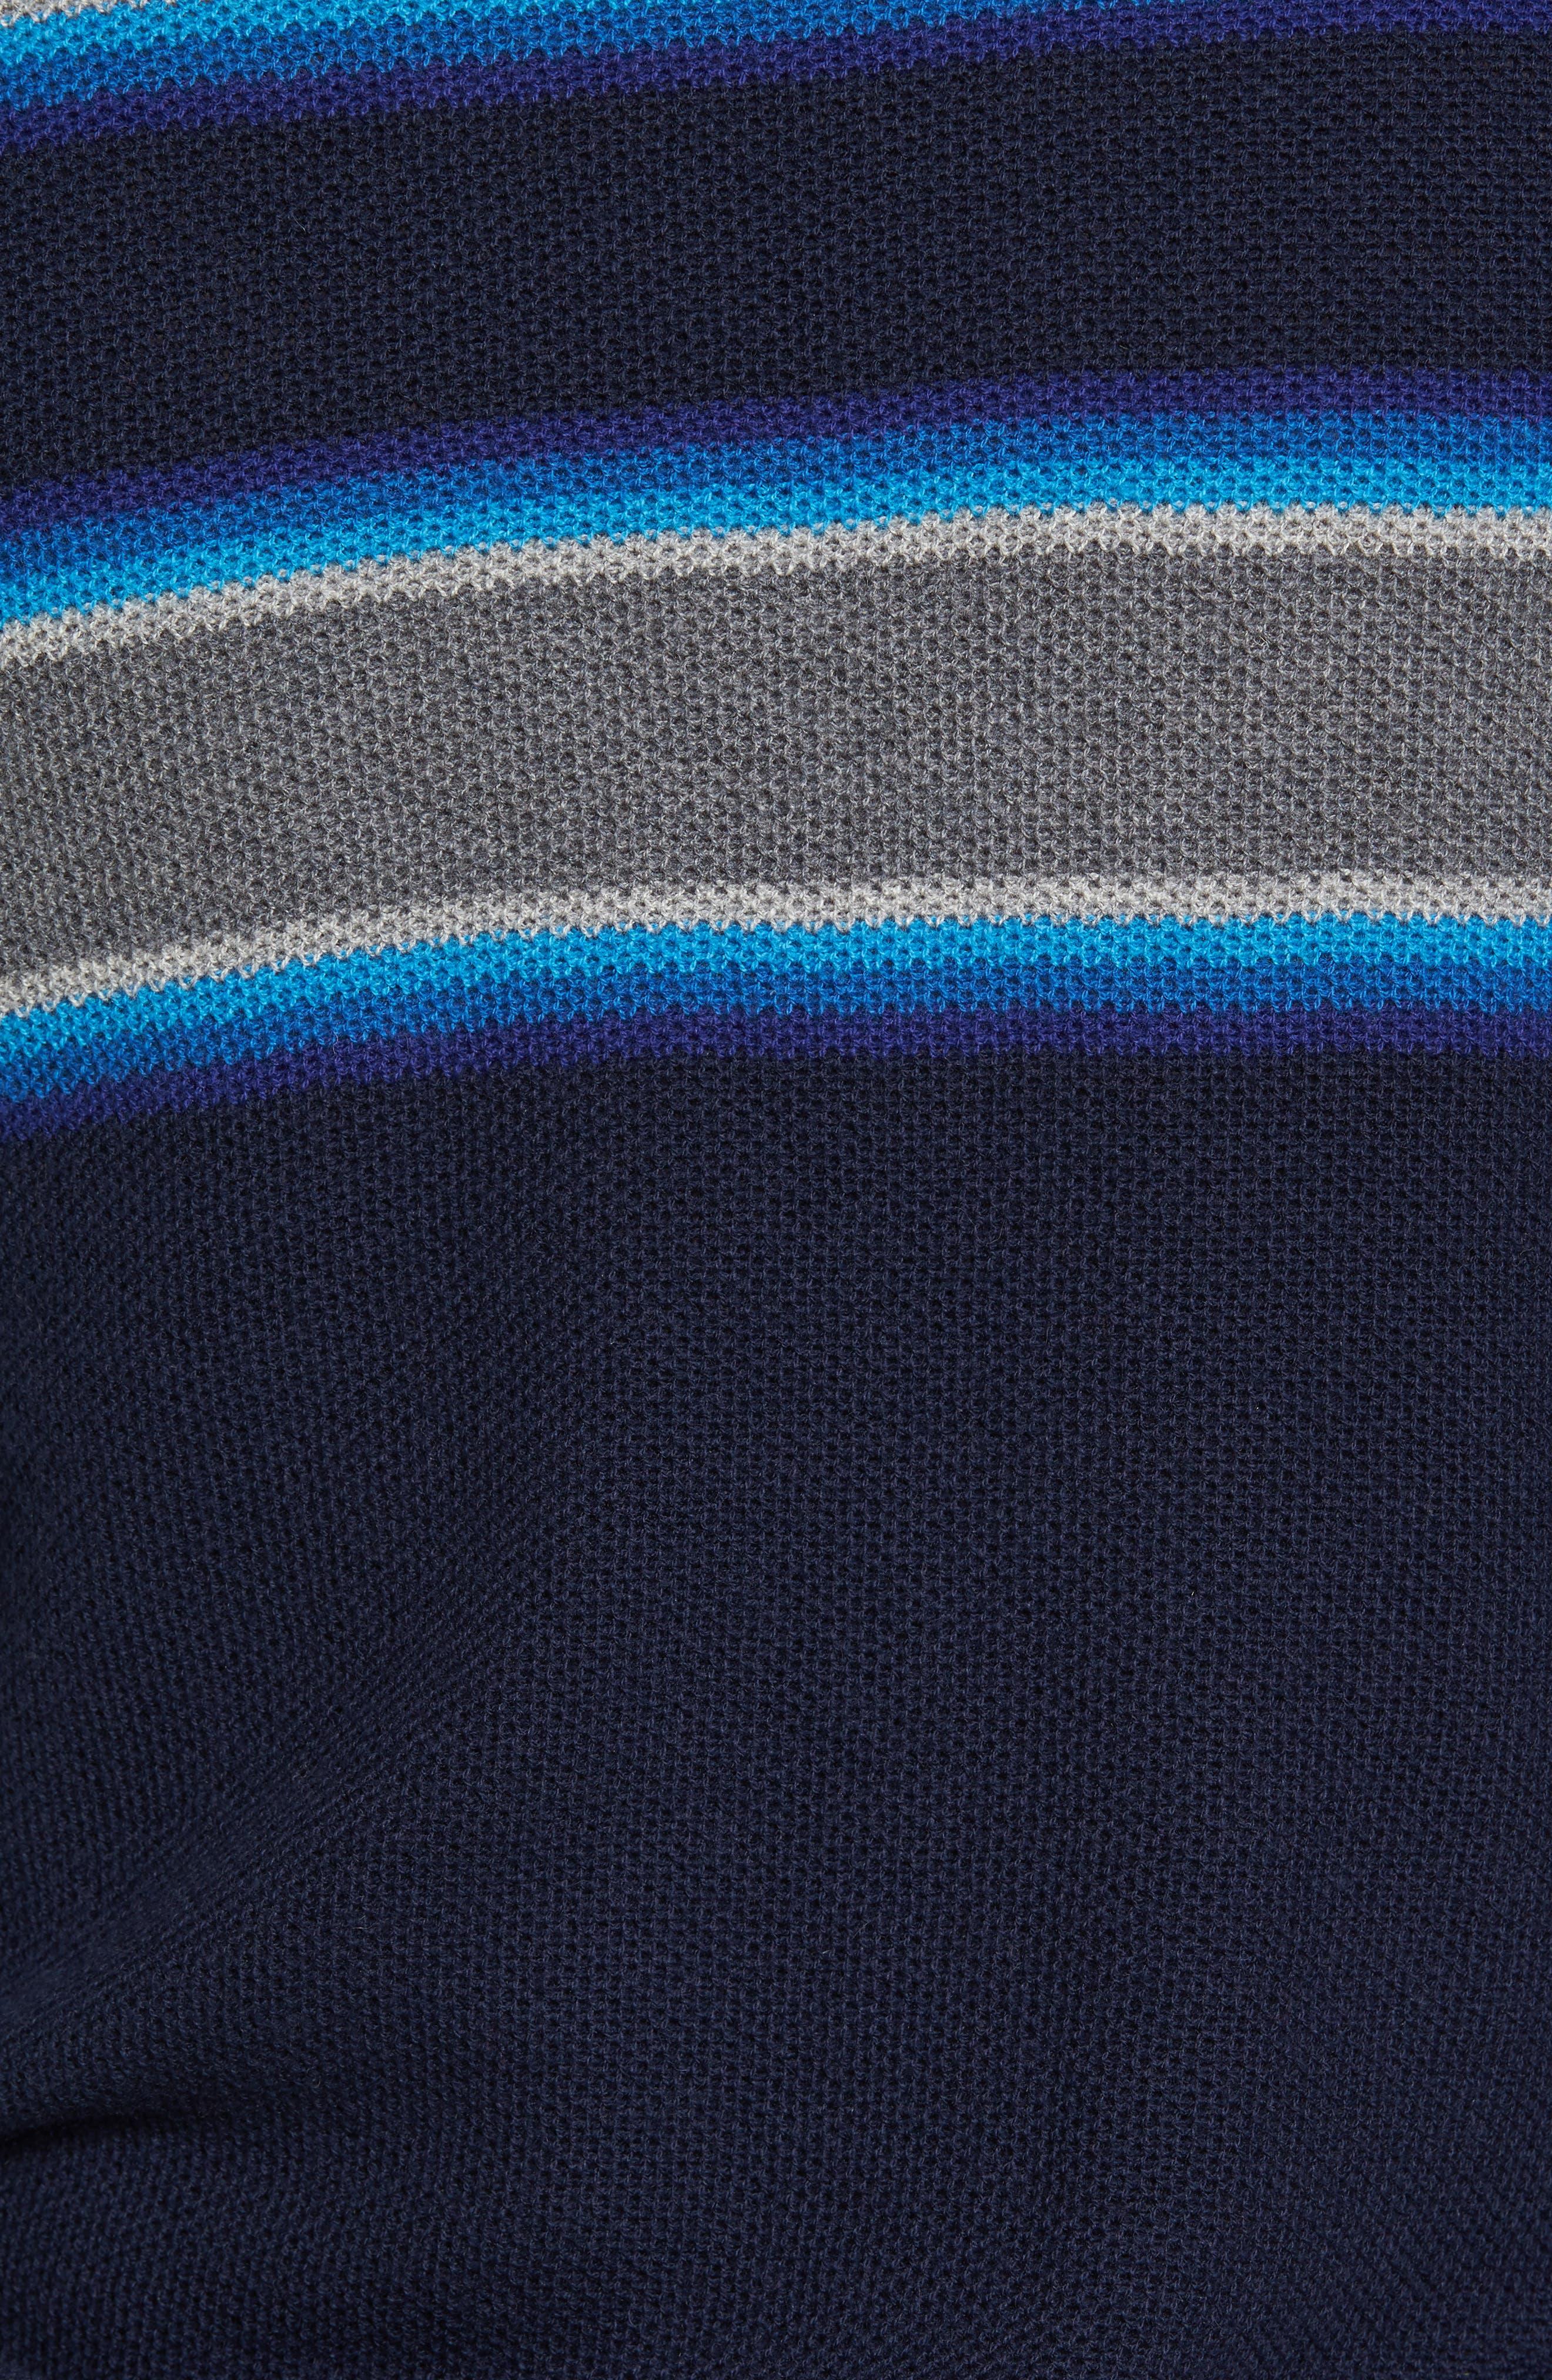 Stripe Merino Blend Sweater,                             Alternate thumbnail 5, color,                             416